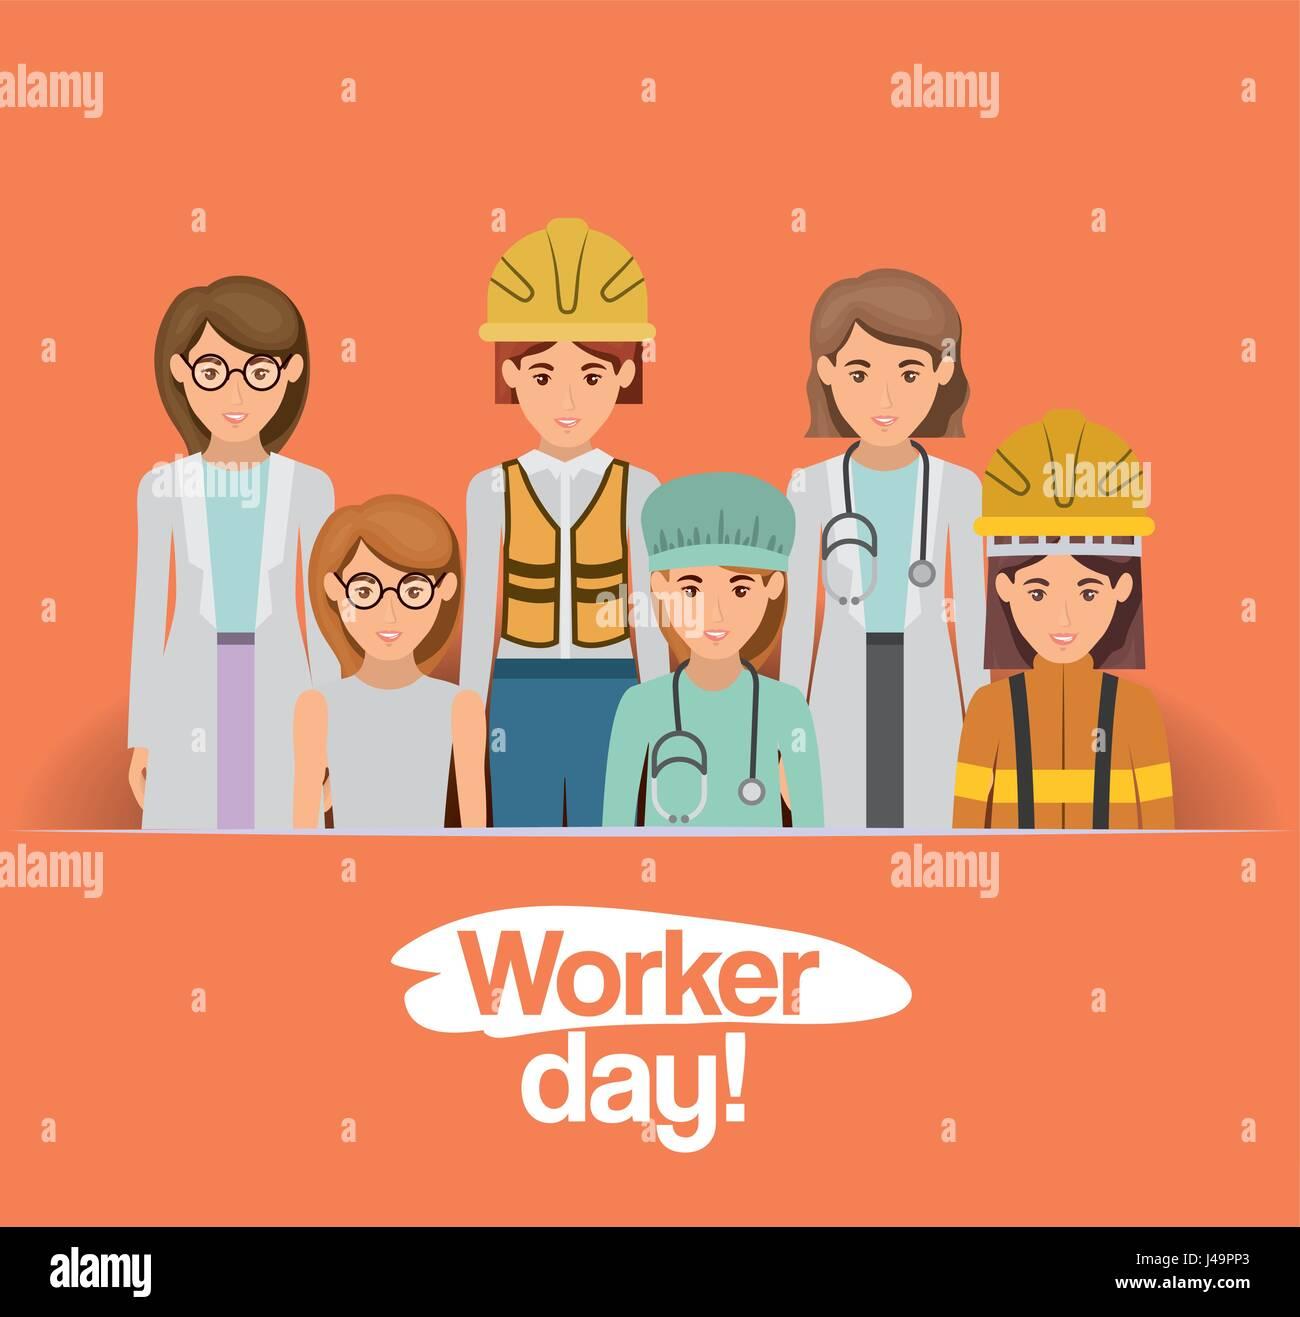 Dia Del Trabajador Mujeres tarjeta de coloridos con un grupo de mujeres trabajadoras en